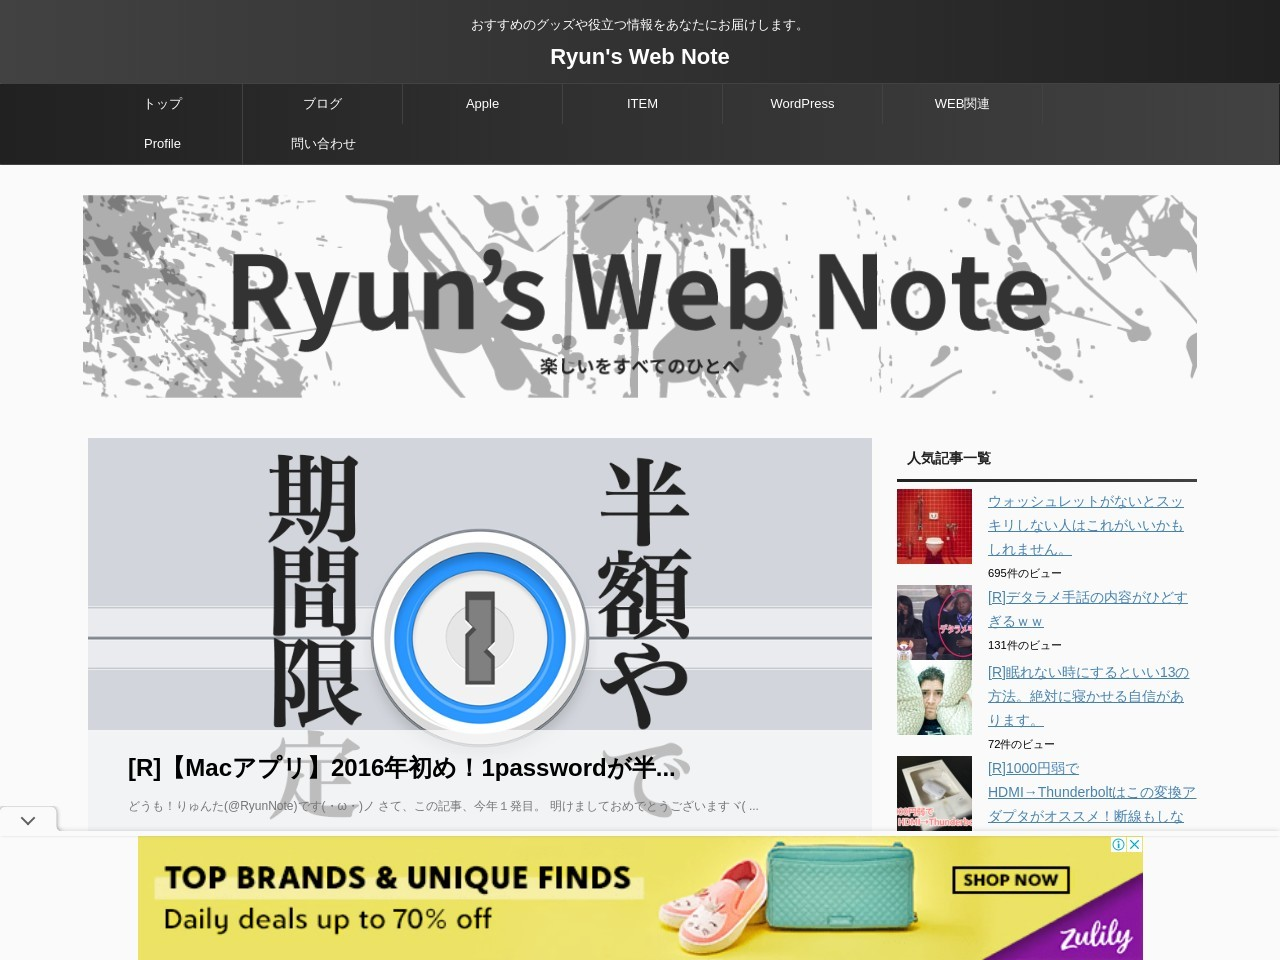 http://ryun-webnote.com/2013/12/31/201312-analytics/